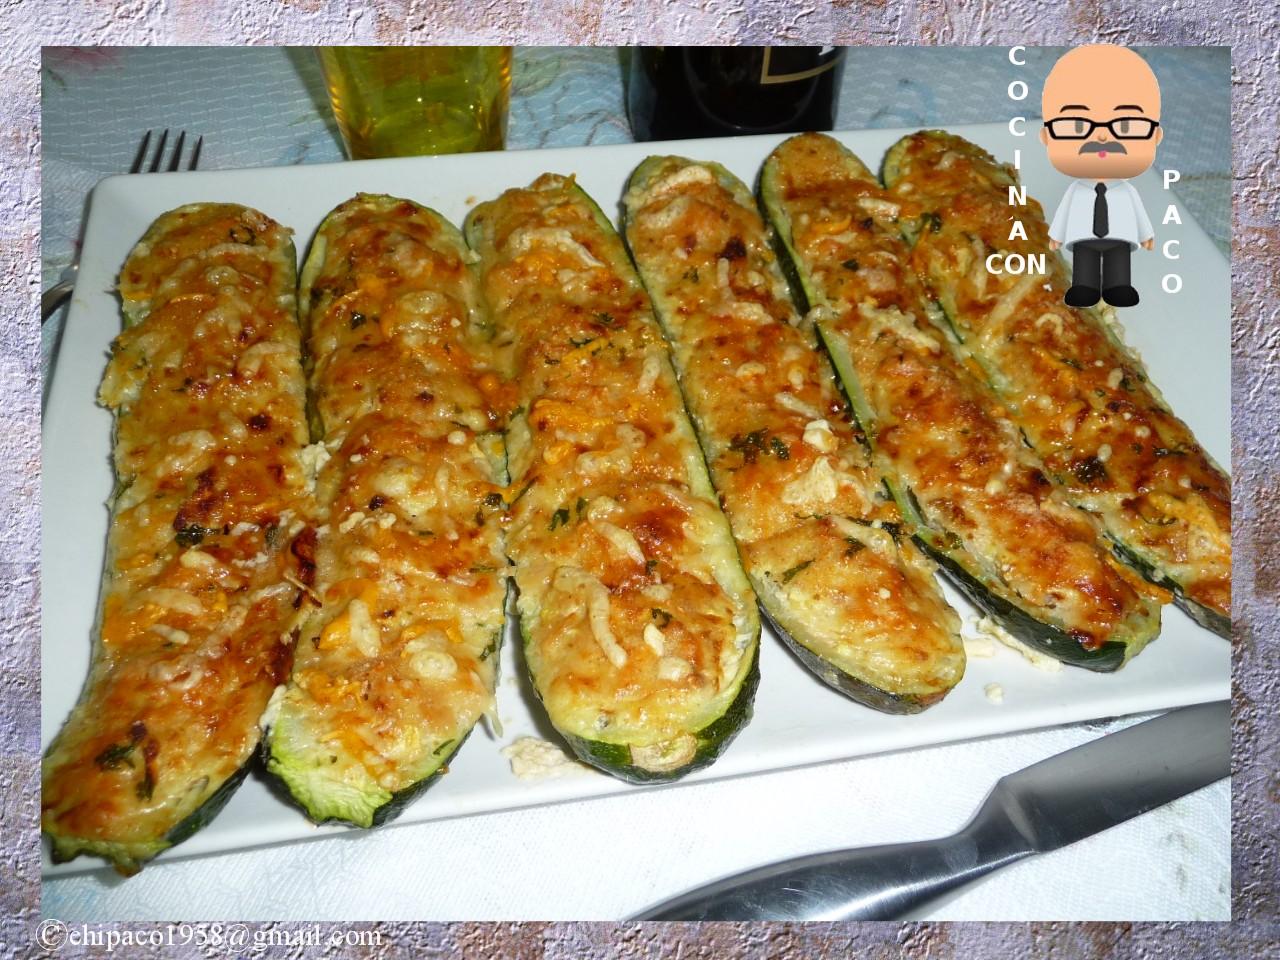 Cocina con paco download pdf - Cocina con paco ...